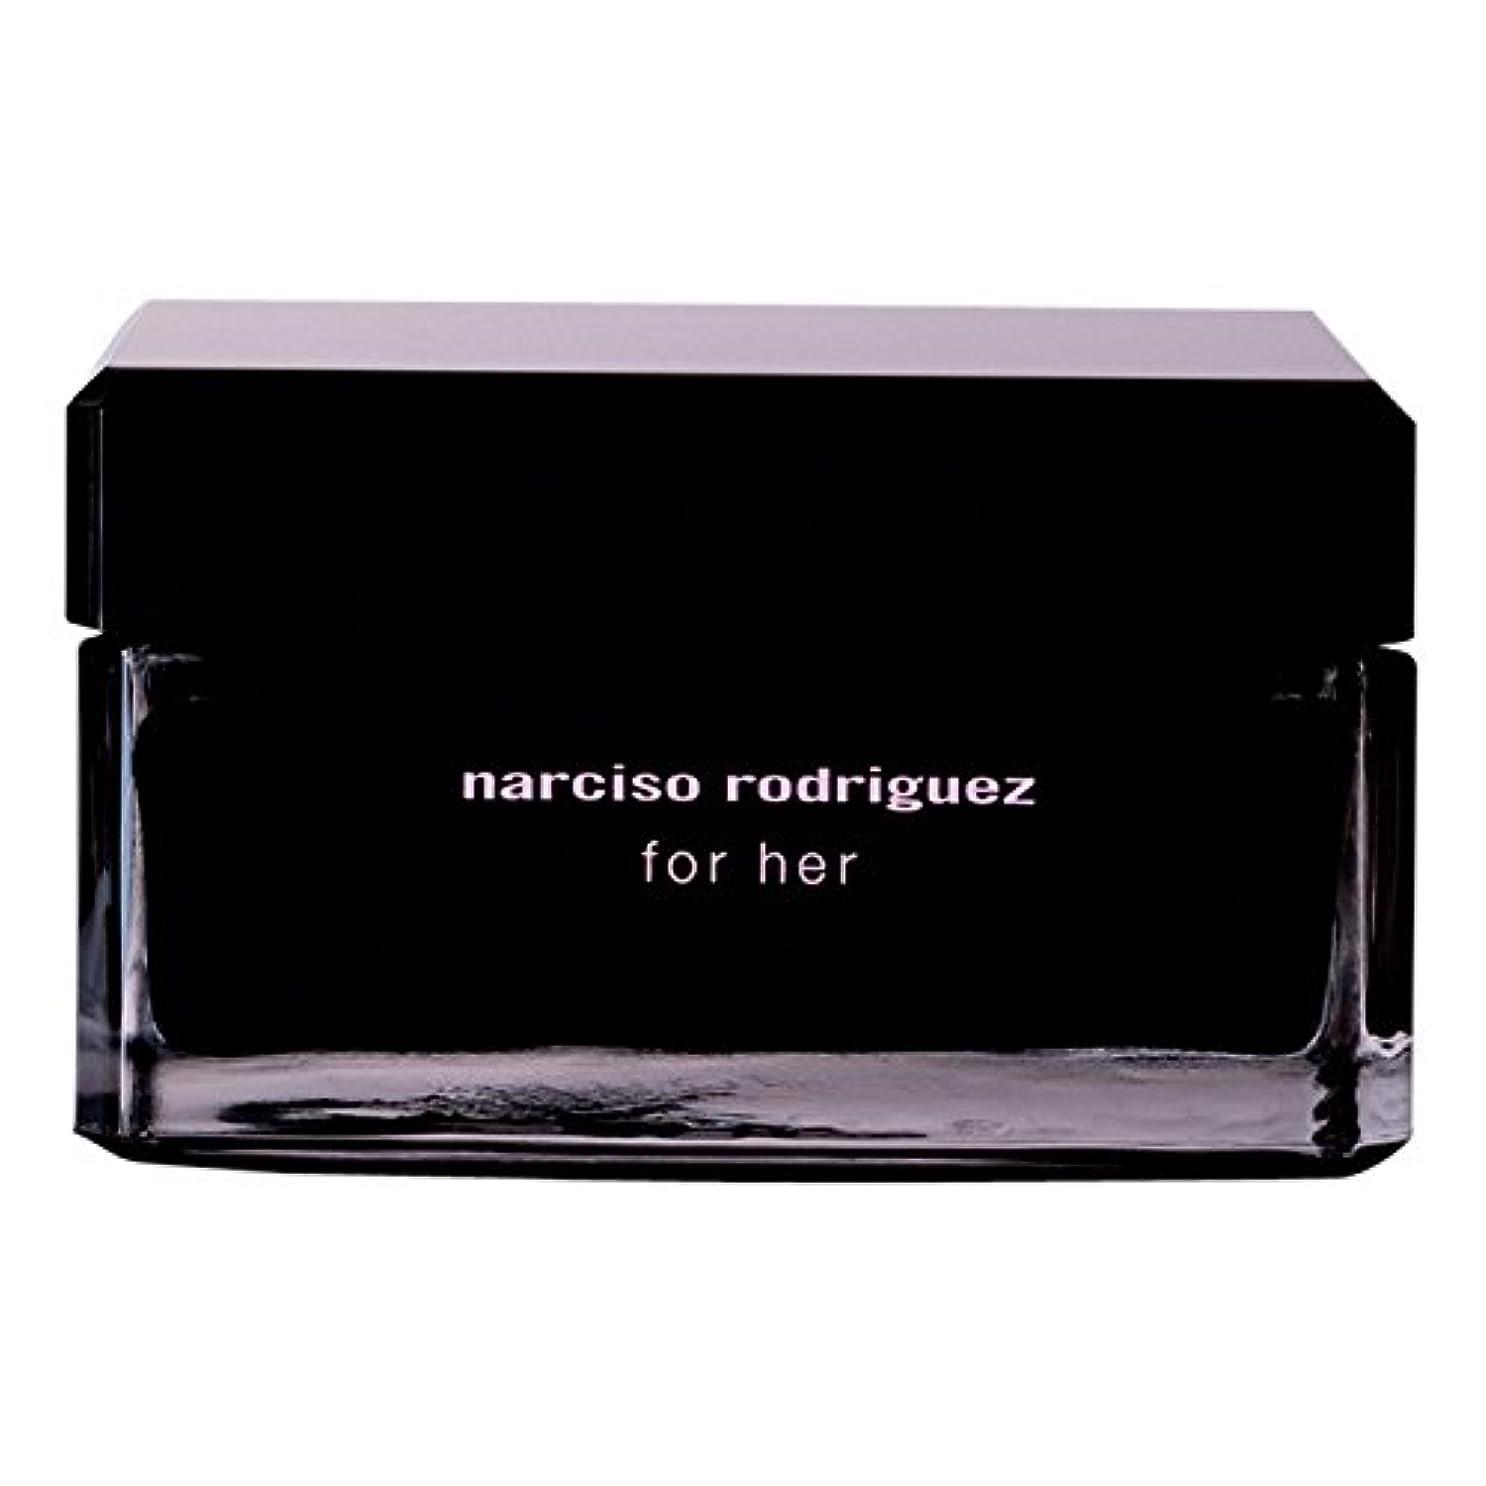 添付うっかりめ言葉ナルシソ?ロドリゲスボディクリーム150ミリリットル (Narciso Rodriguez) - Narciso Rodriguez Body Cream 150ml [並行輸入品]